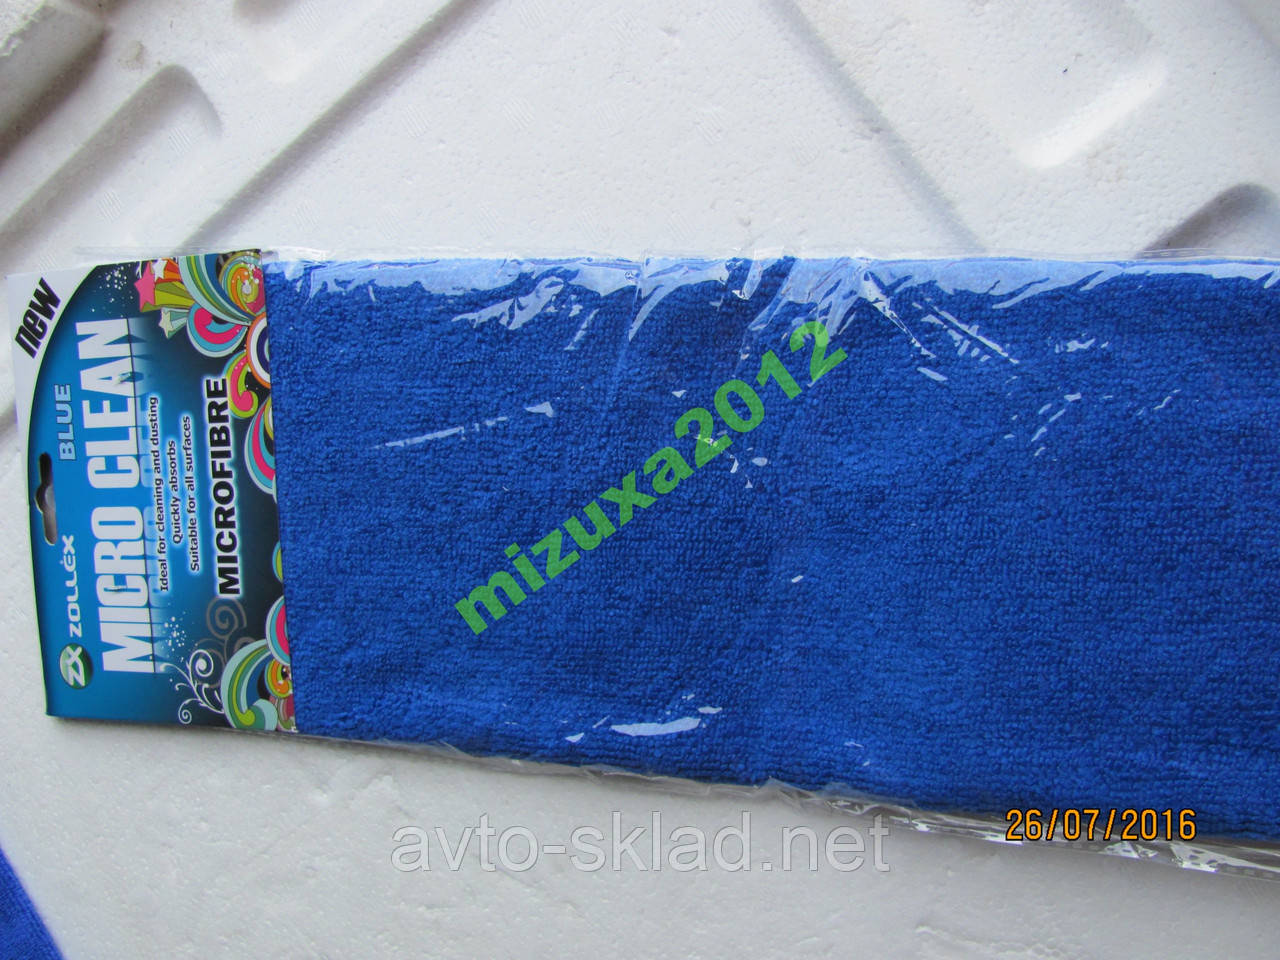 Микрофибра синяя Zollex салфетка автомобильная